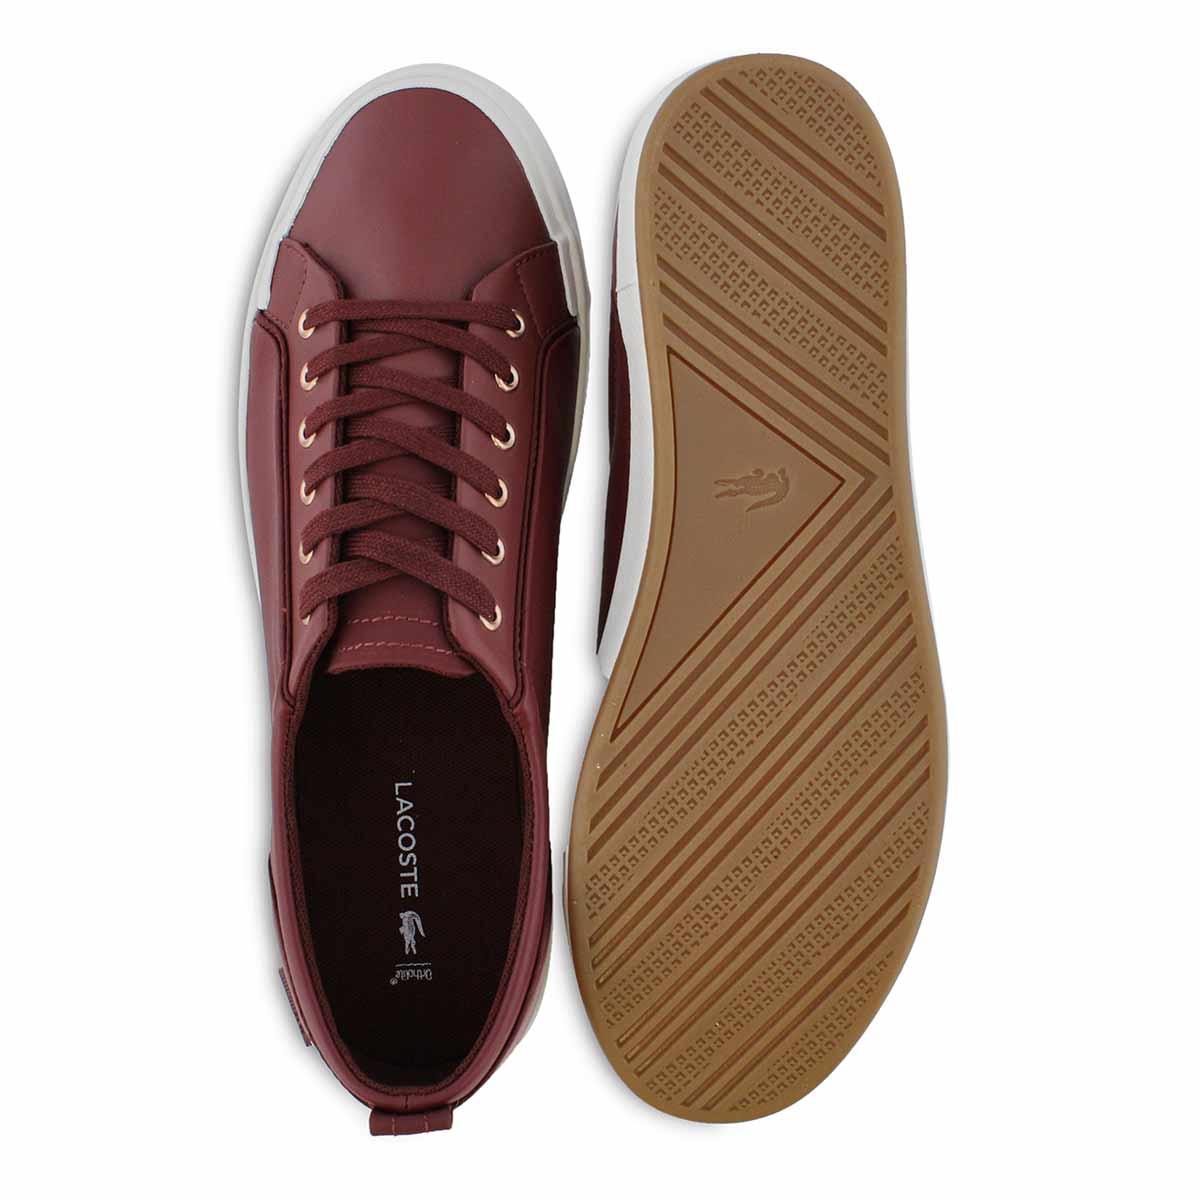 Lds Lancelle Sneaker 319 2 dk red snkr